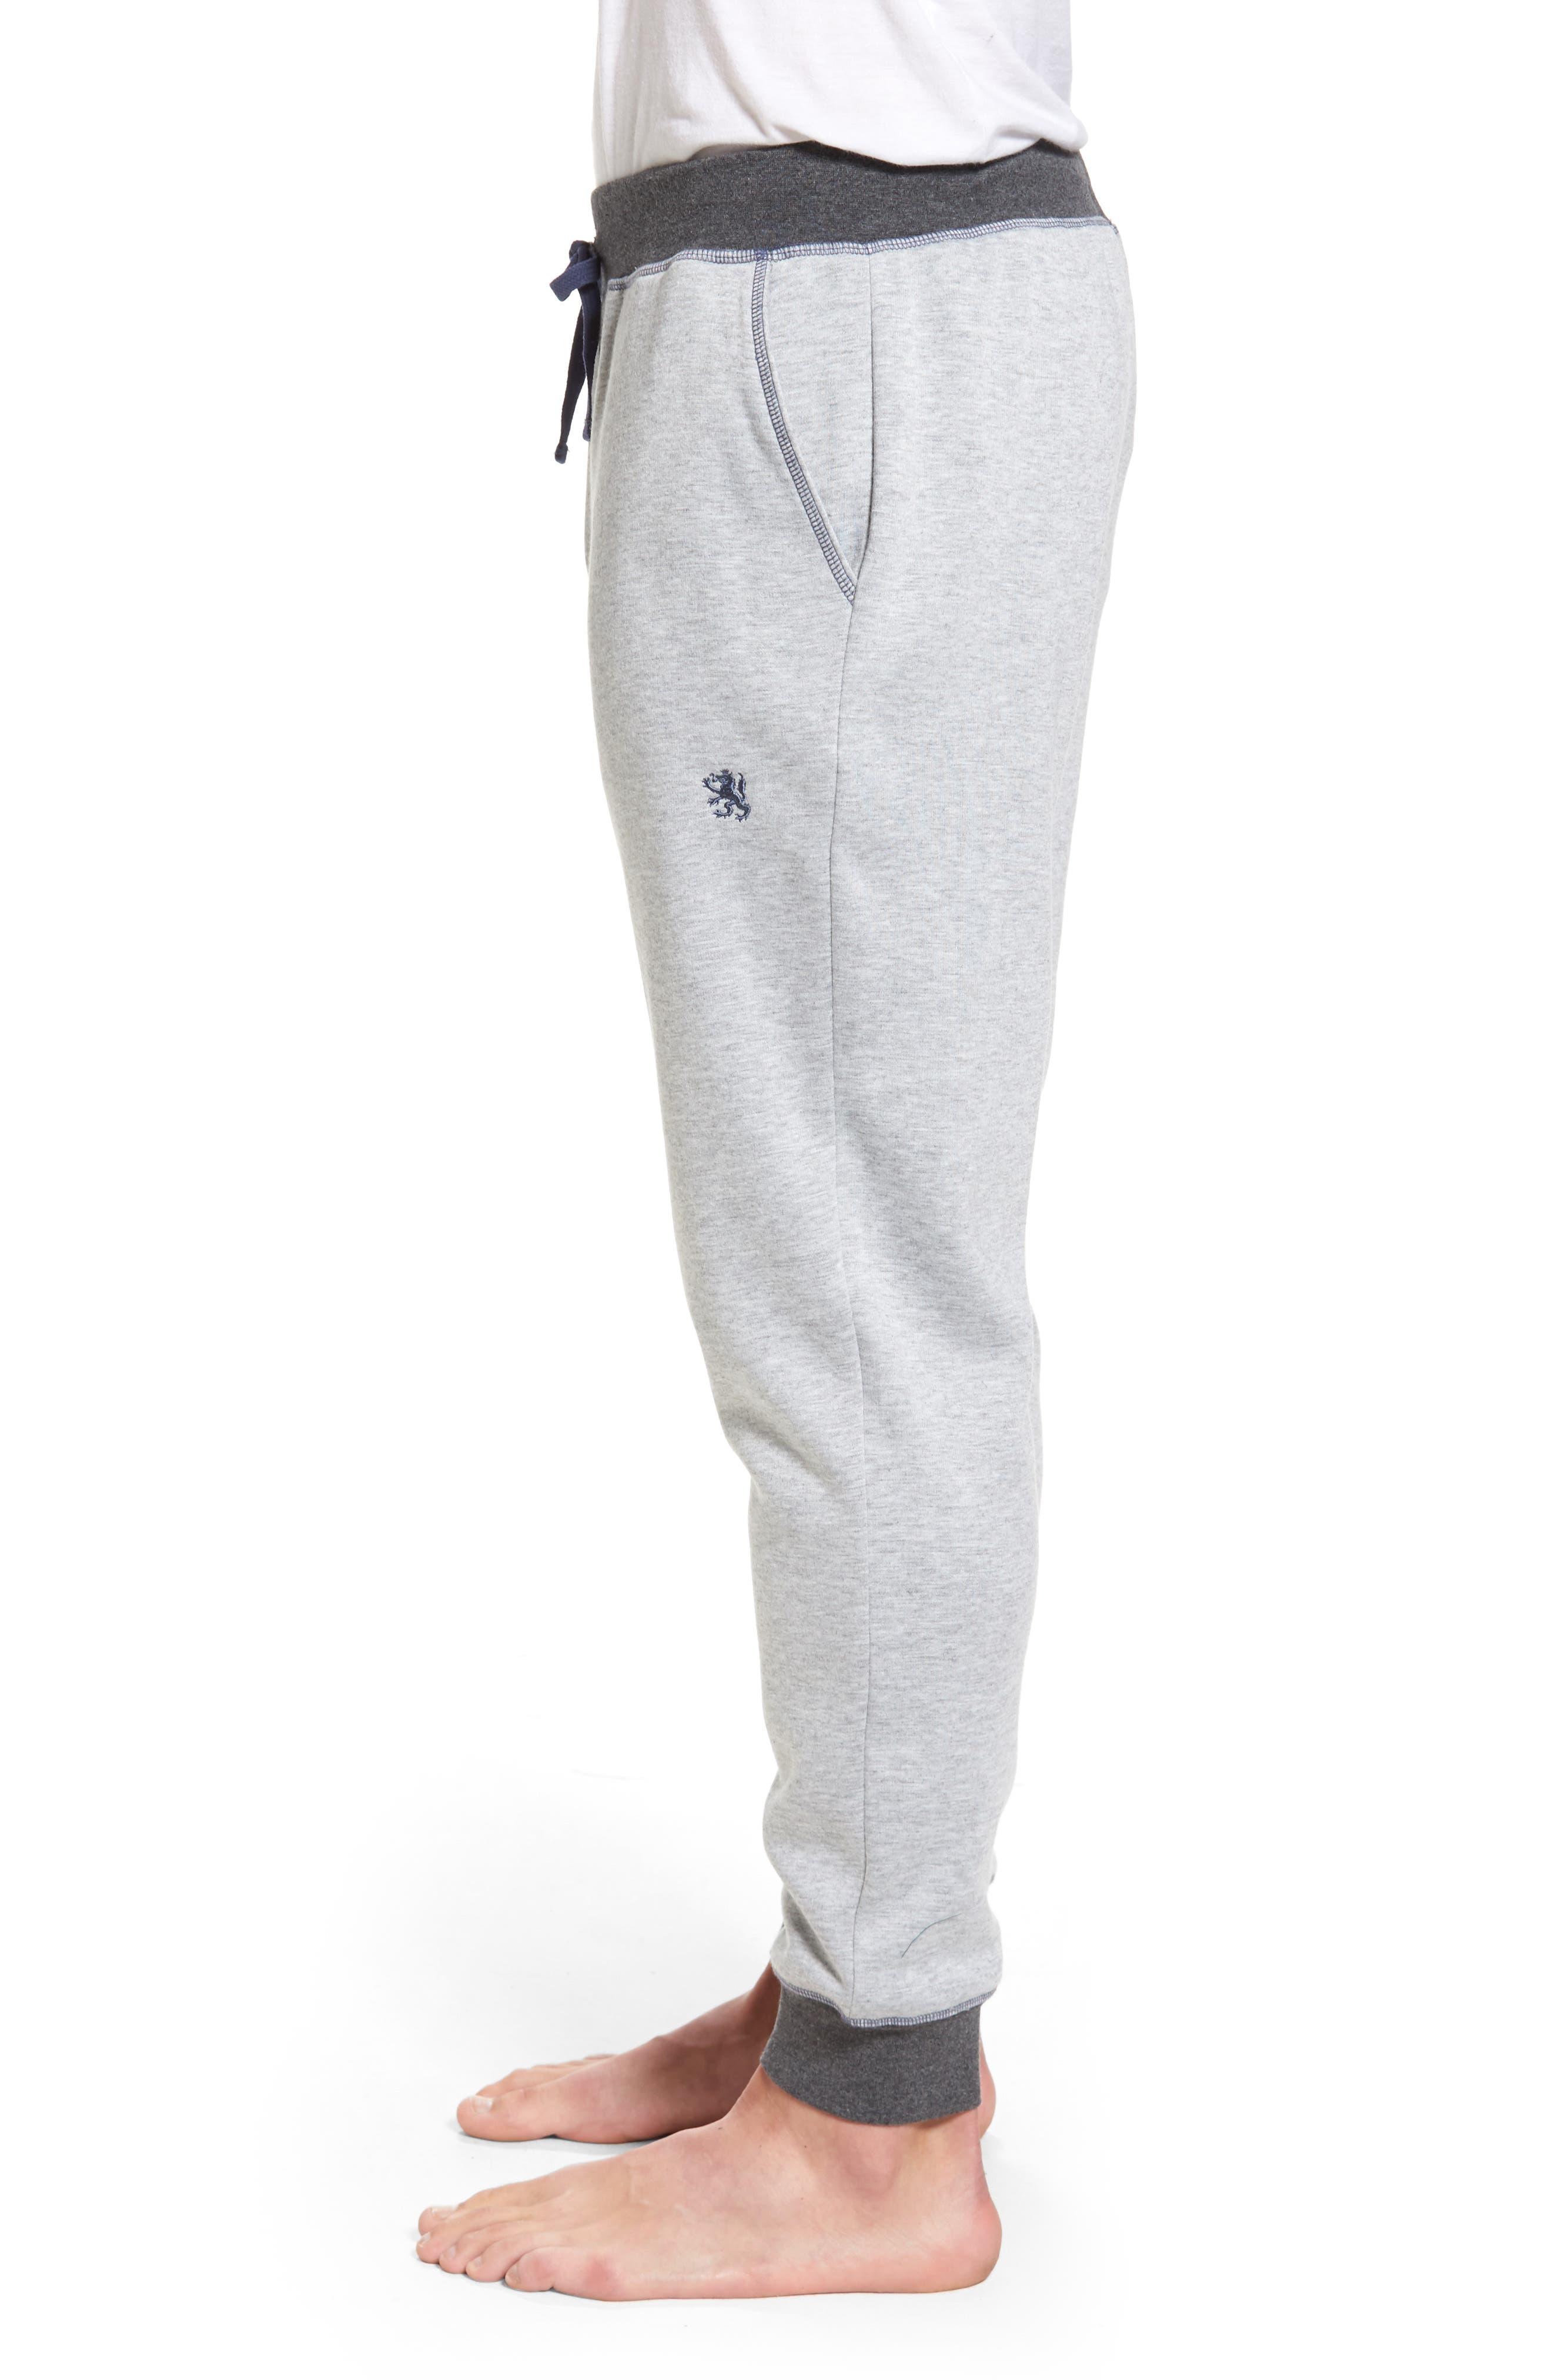 Double Take Knit Lounge Pants,                             Alternate thumbnail 3, color,                             Grey